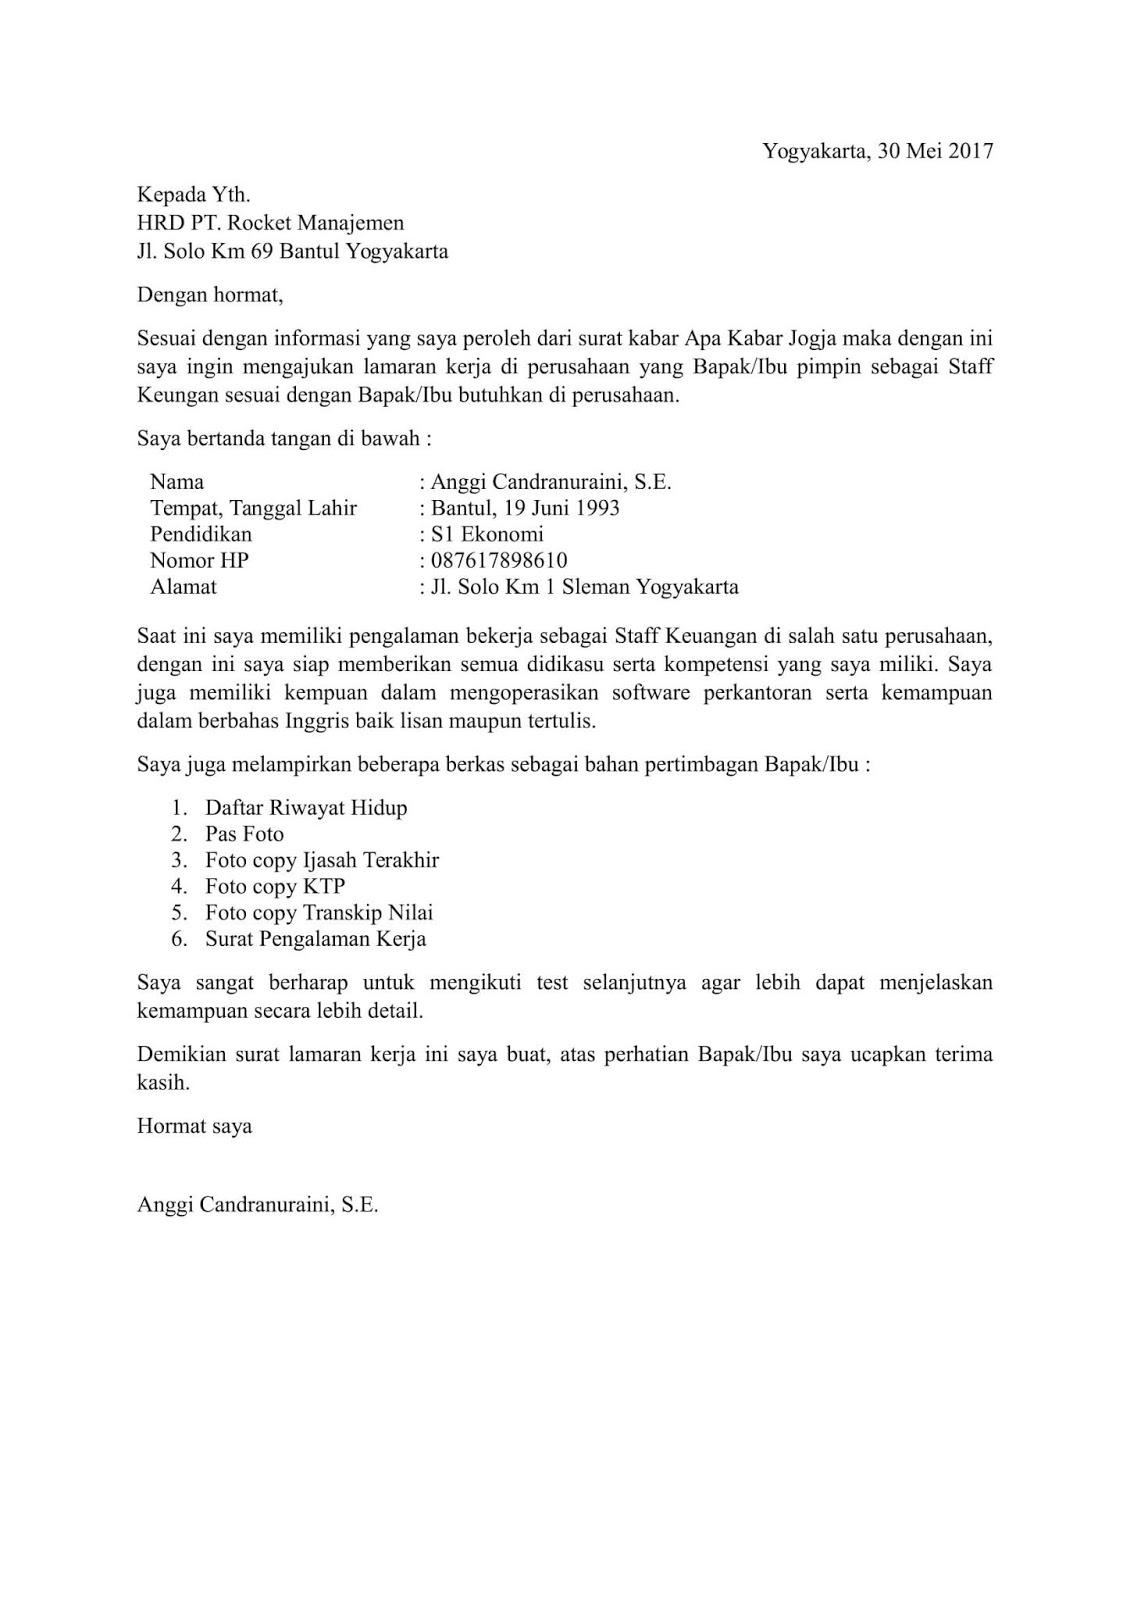 Contoh Surat Lamaran Kerja Semi Block Style Contoh Surat